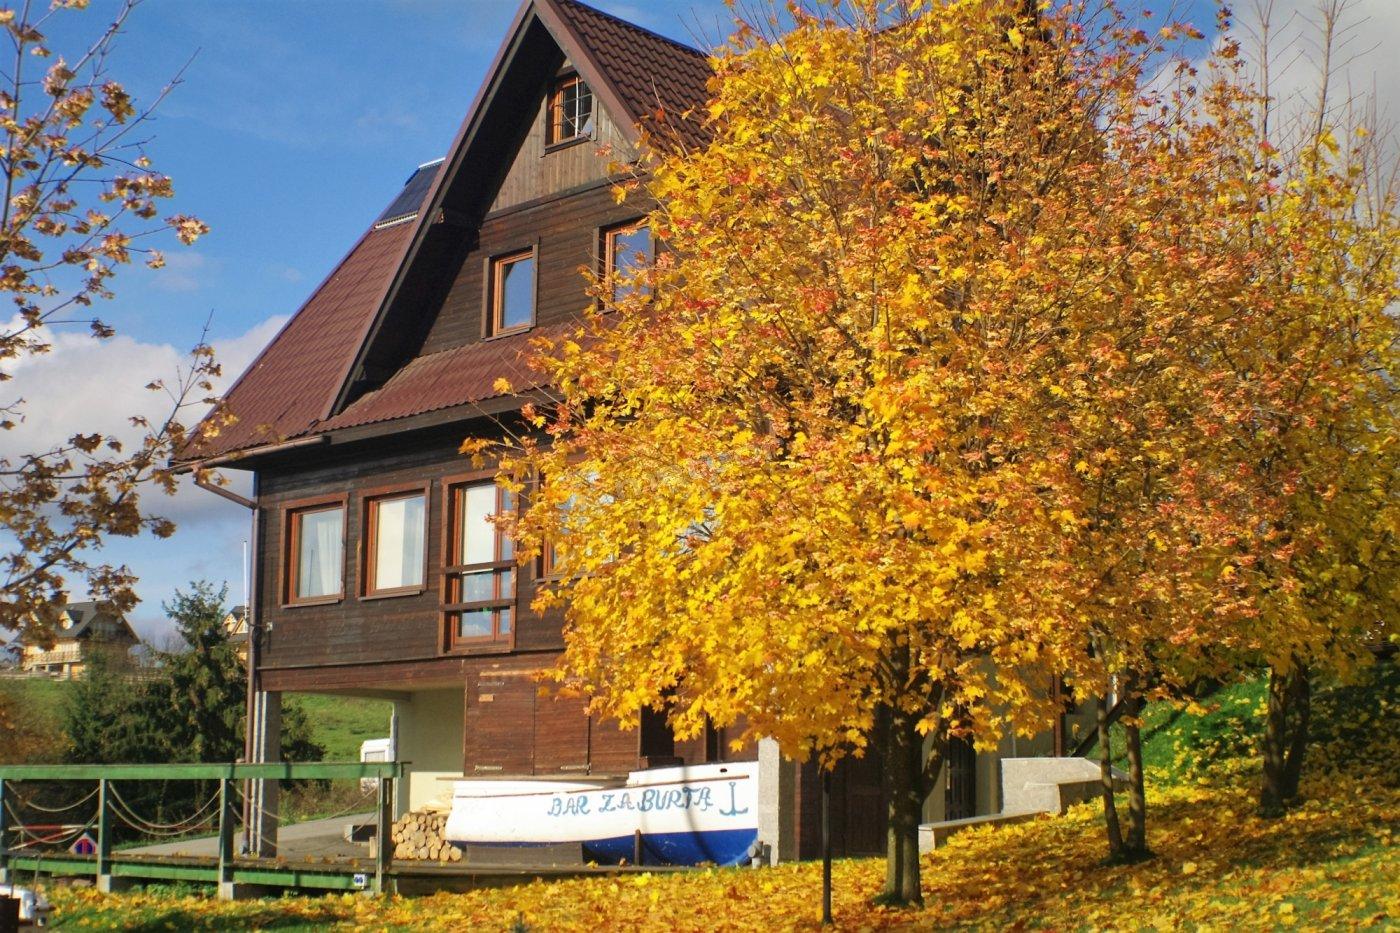 Dom na terenie Osady Turystycznej Czorsztyn